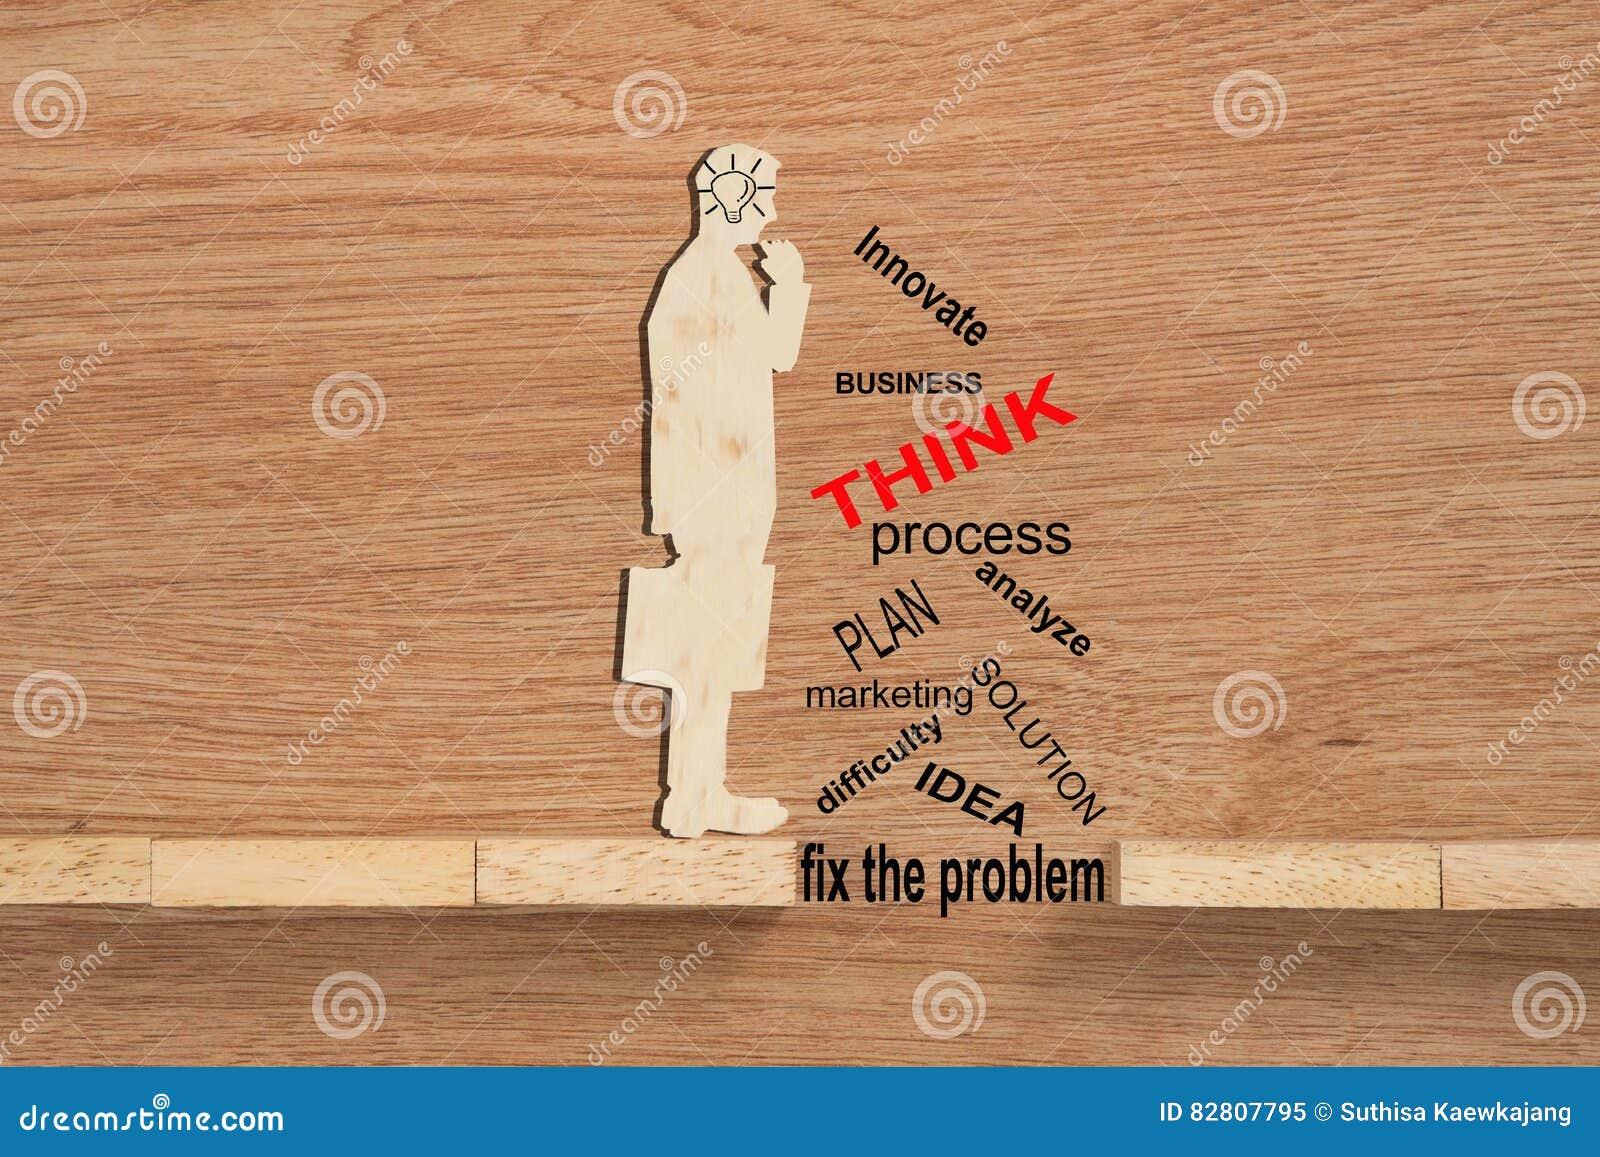 Begrifflich vom Lösen von Problemen, von der Überwindung von Herausforderungen und von der Anwendung von i